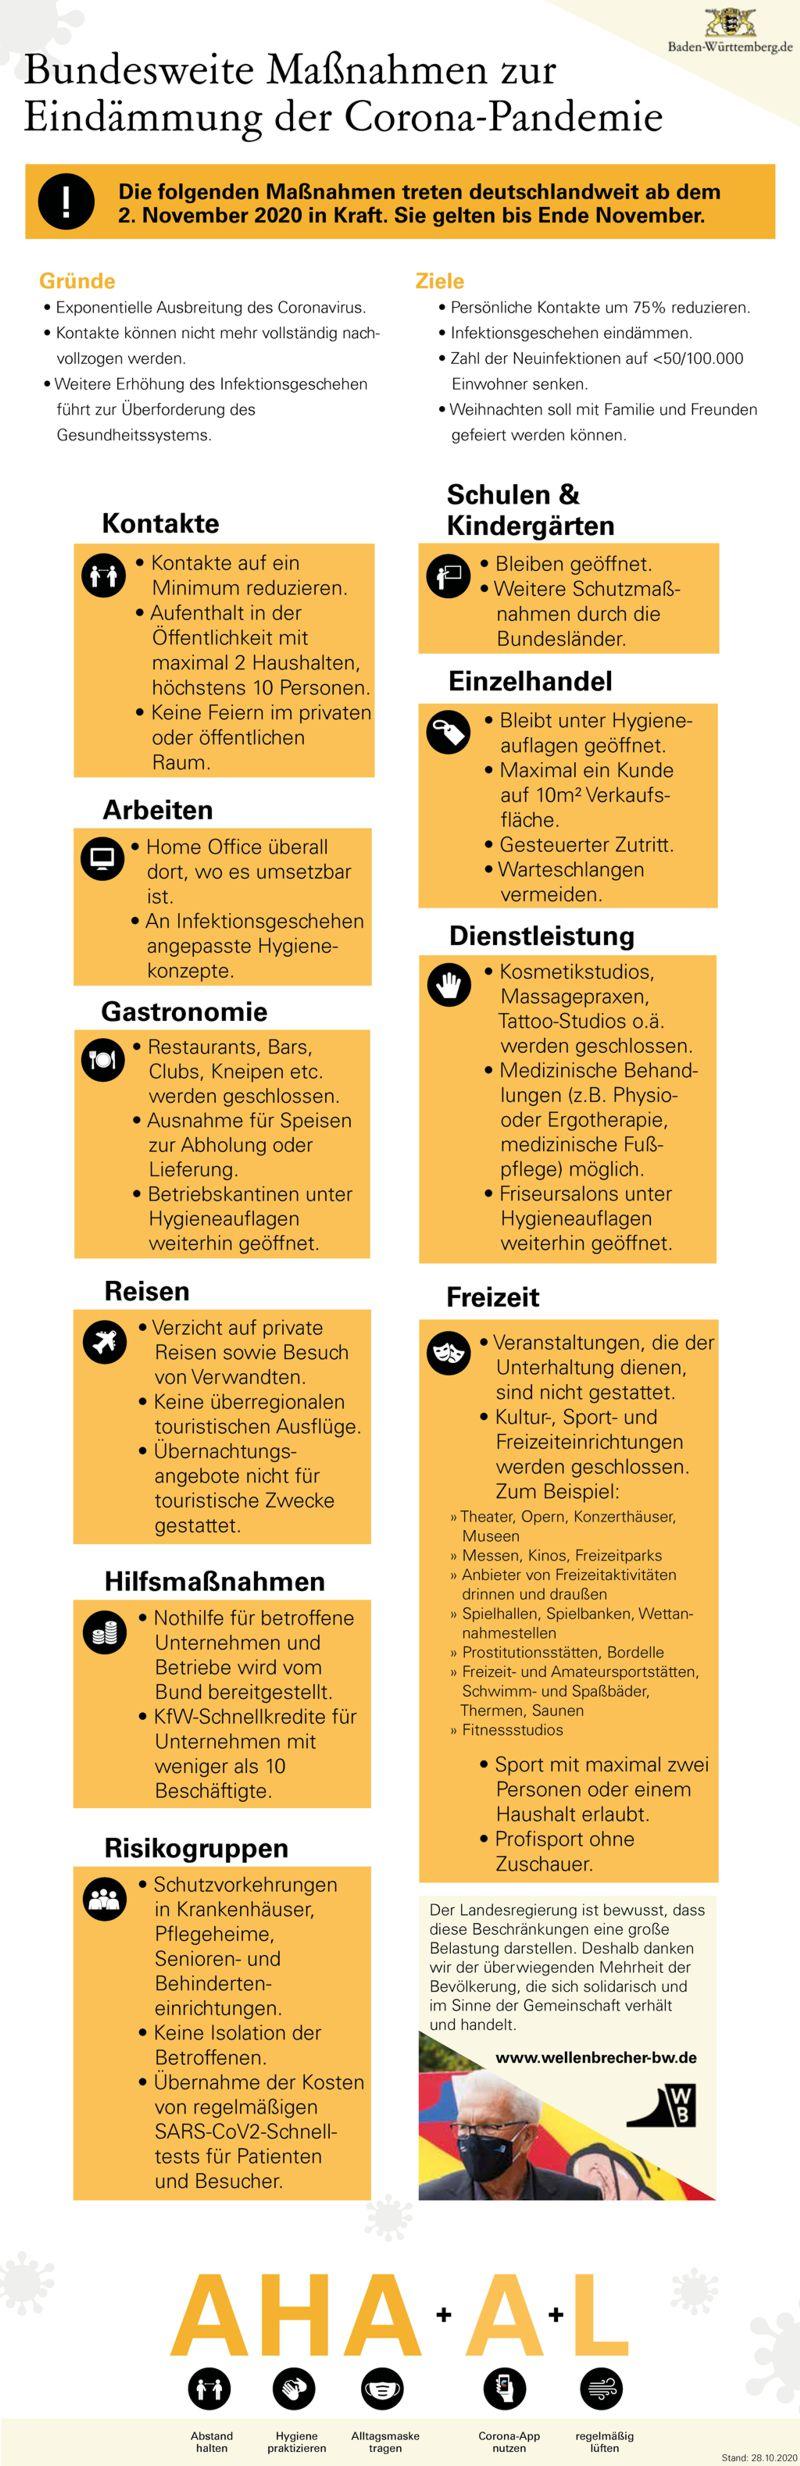 Coronavirus Gaststätten